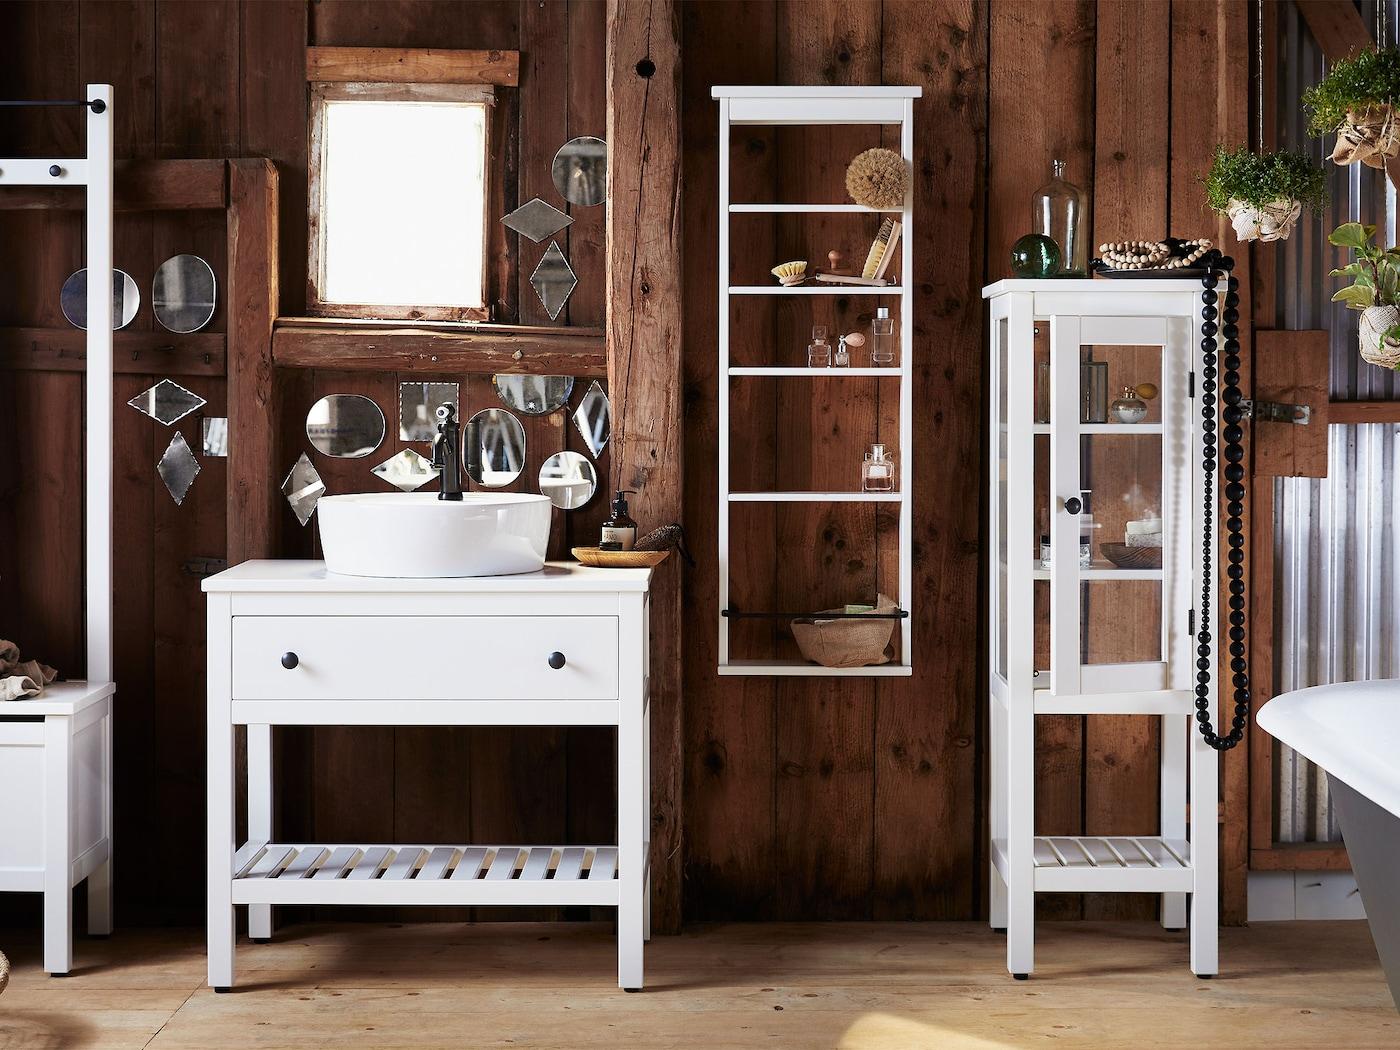 Vier Möbelstücke der HEMNES Badezimmermöbelserie, u. a. HEMNES/TÖRNVIKEN Waschbeckenschrank offen mit Waschbecken in Weiss in einem rustikalen Badezimmer